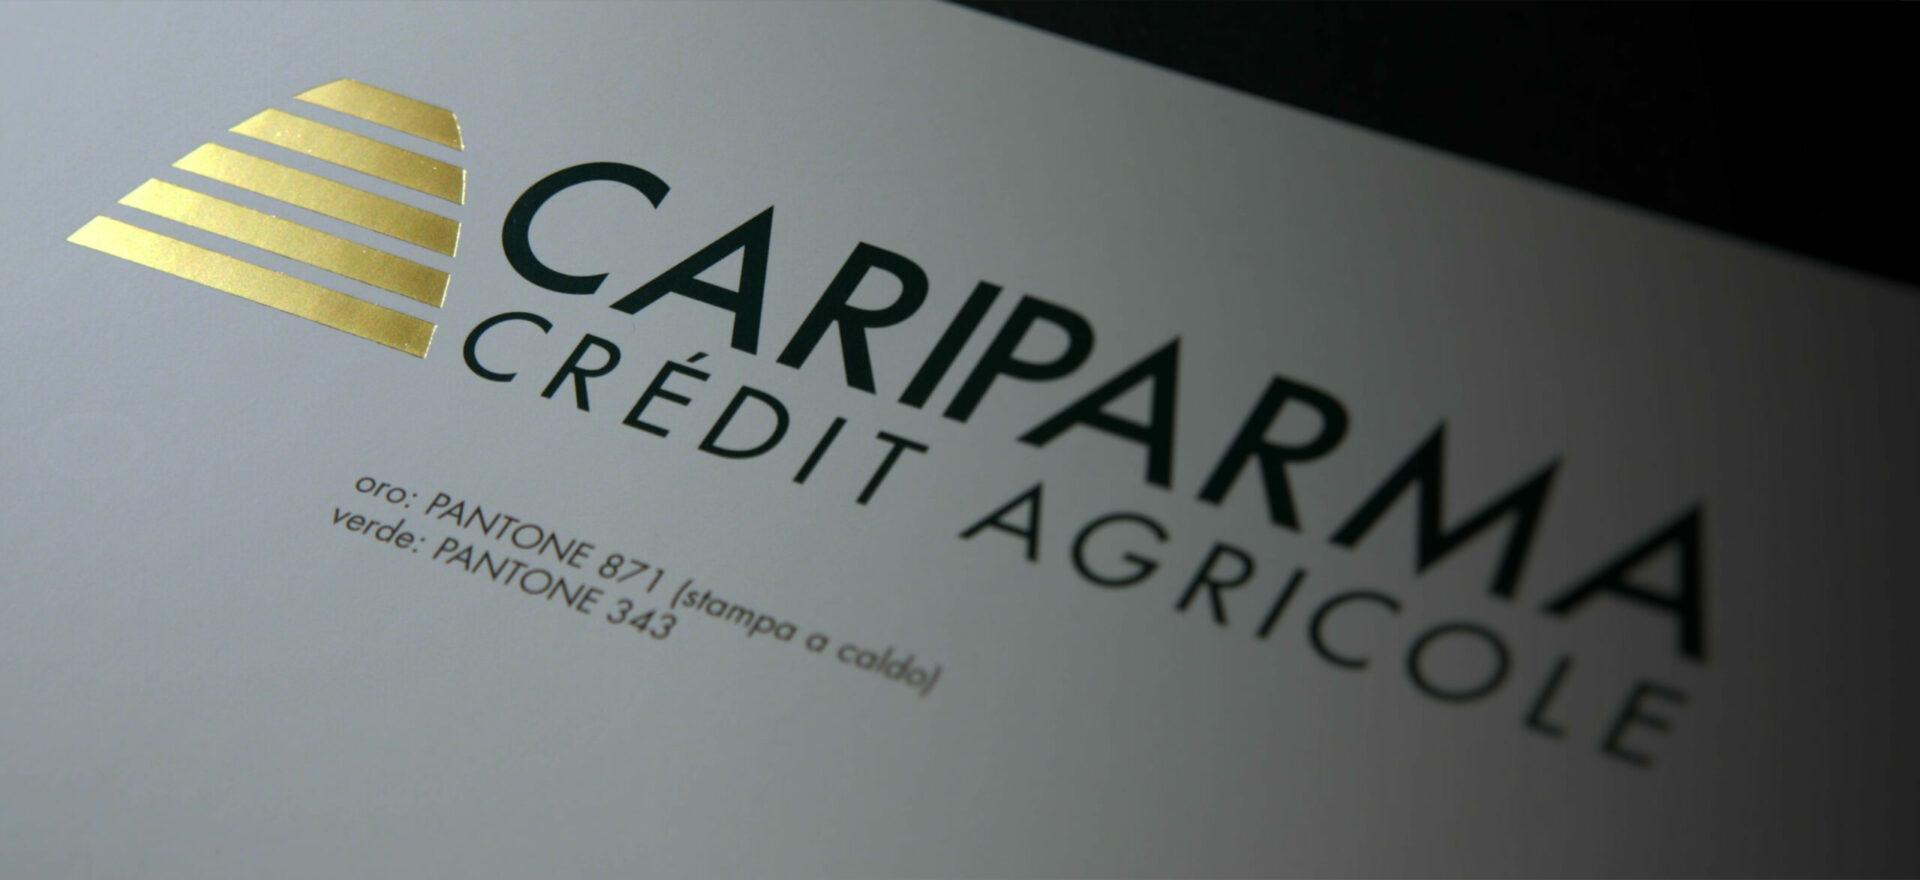 Logo | Graphic Design | Branding | Cariparma | Mario Trimarchi Design | Fragile